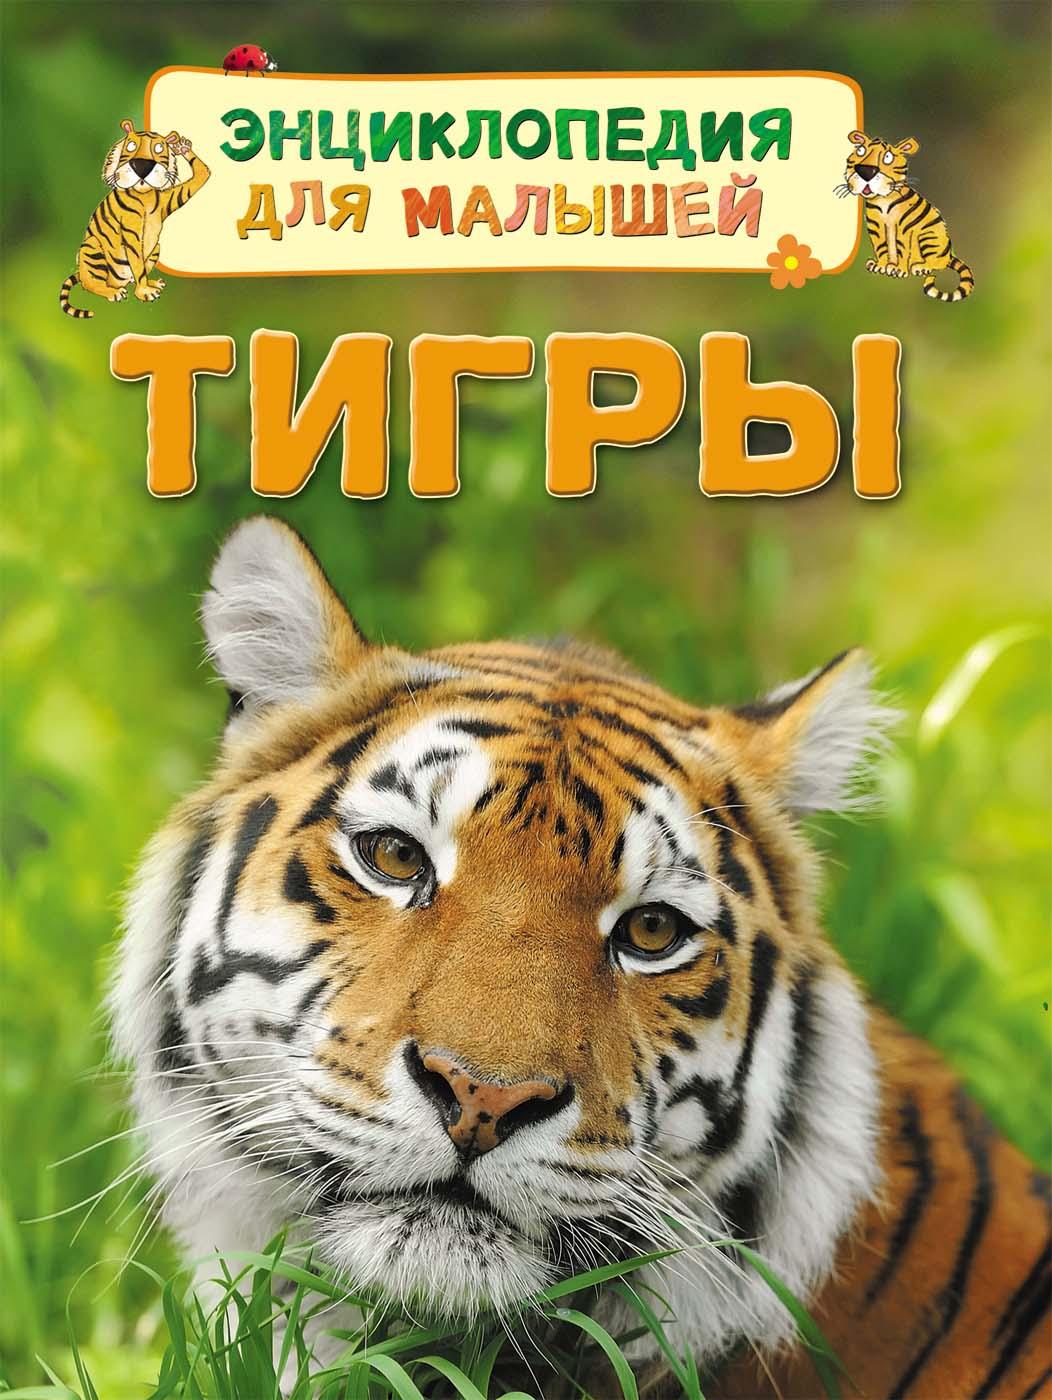 Энциклопедия для малышей – ТигрыДля малышей в картинках<br>Энциклопедия для малышей – Тигры<br>